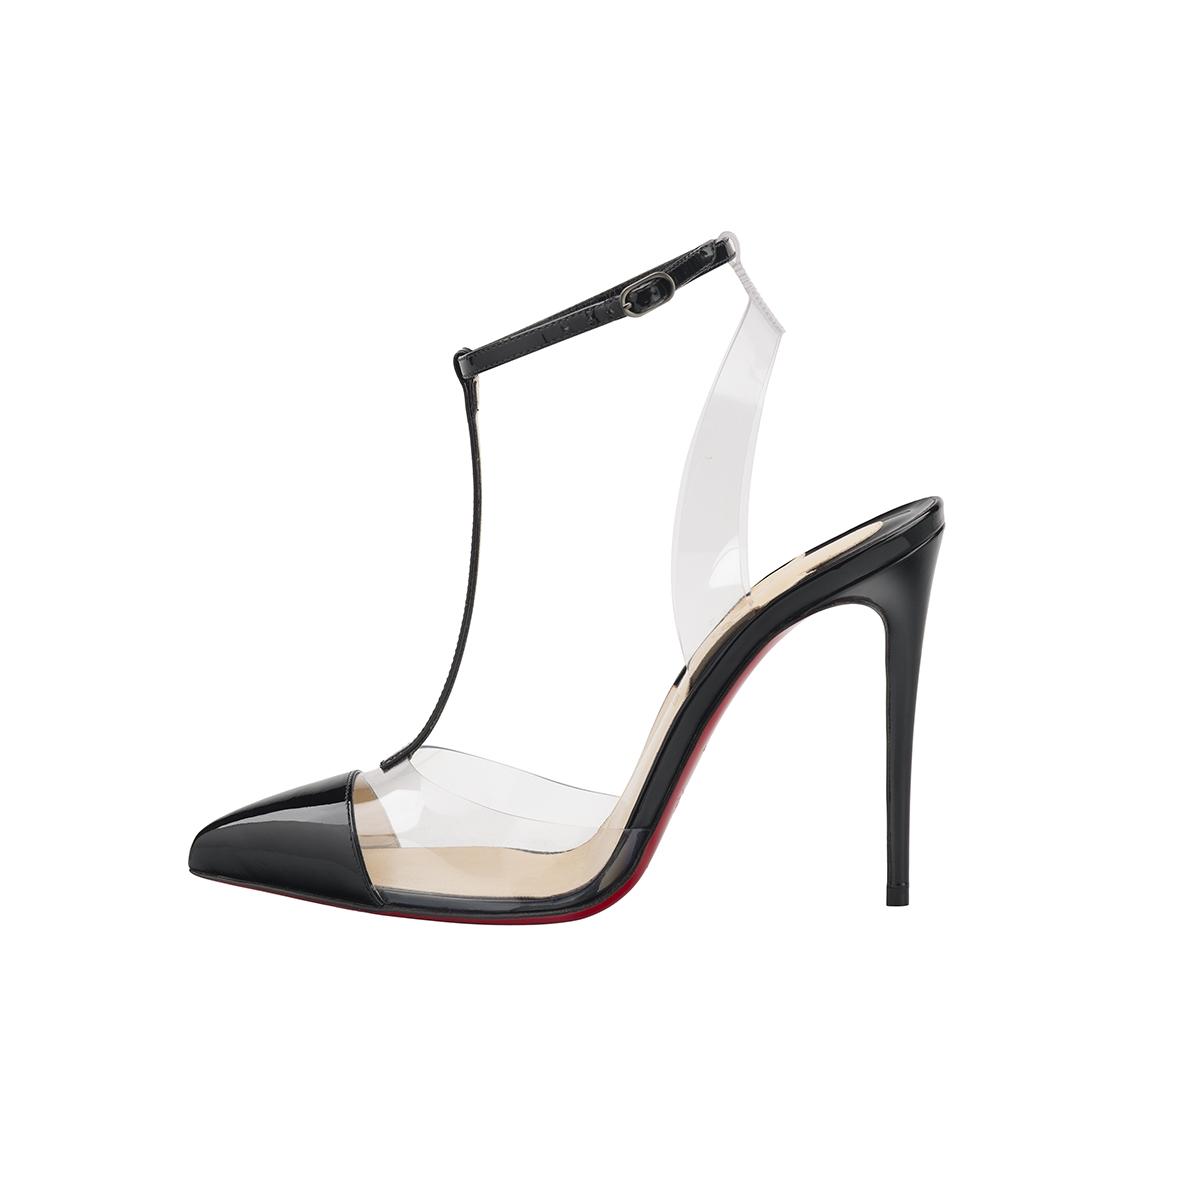 等不及春天的到來!紅底鞋Christian Louboutin2018春夏系列大完繽紛刺繡